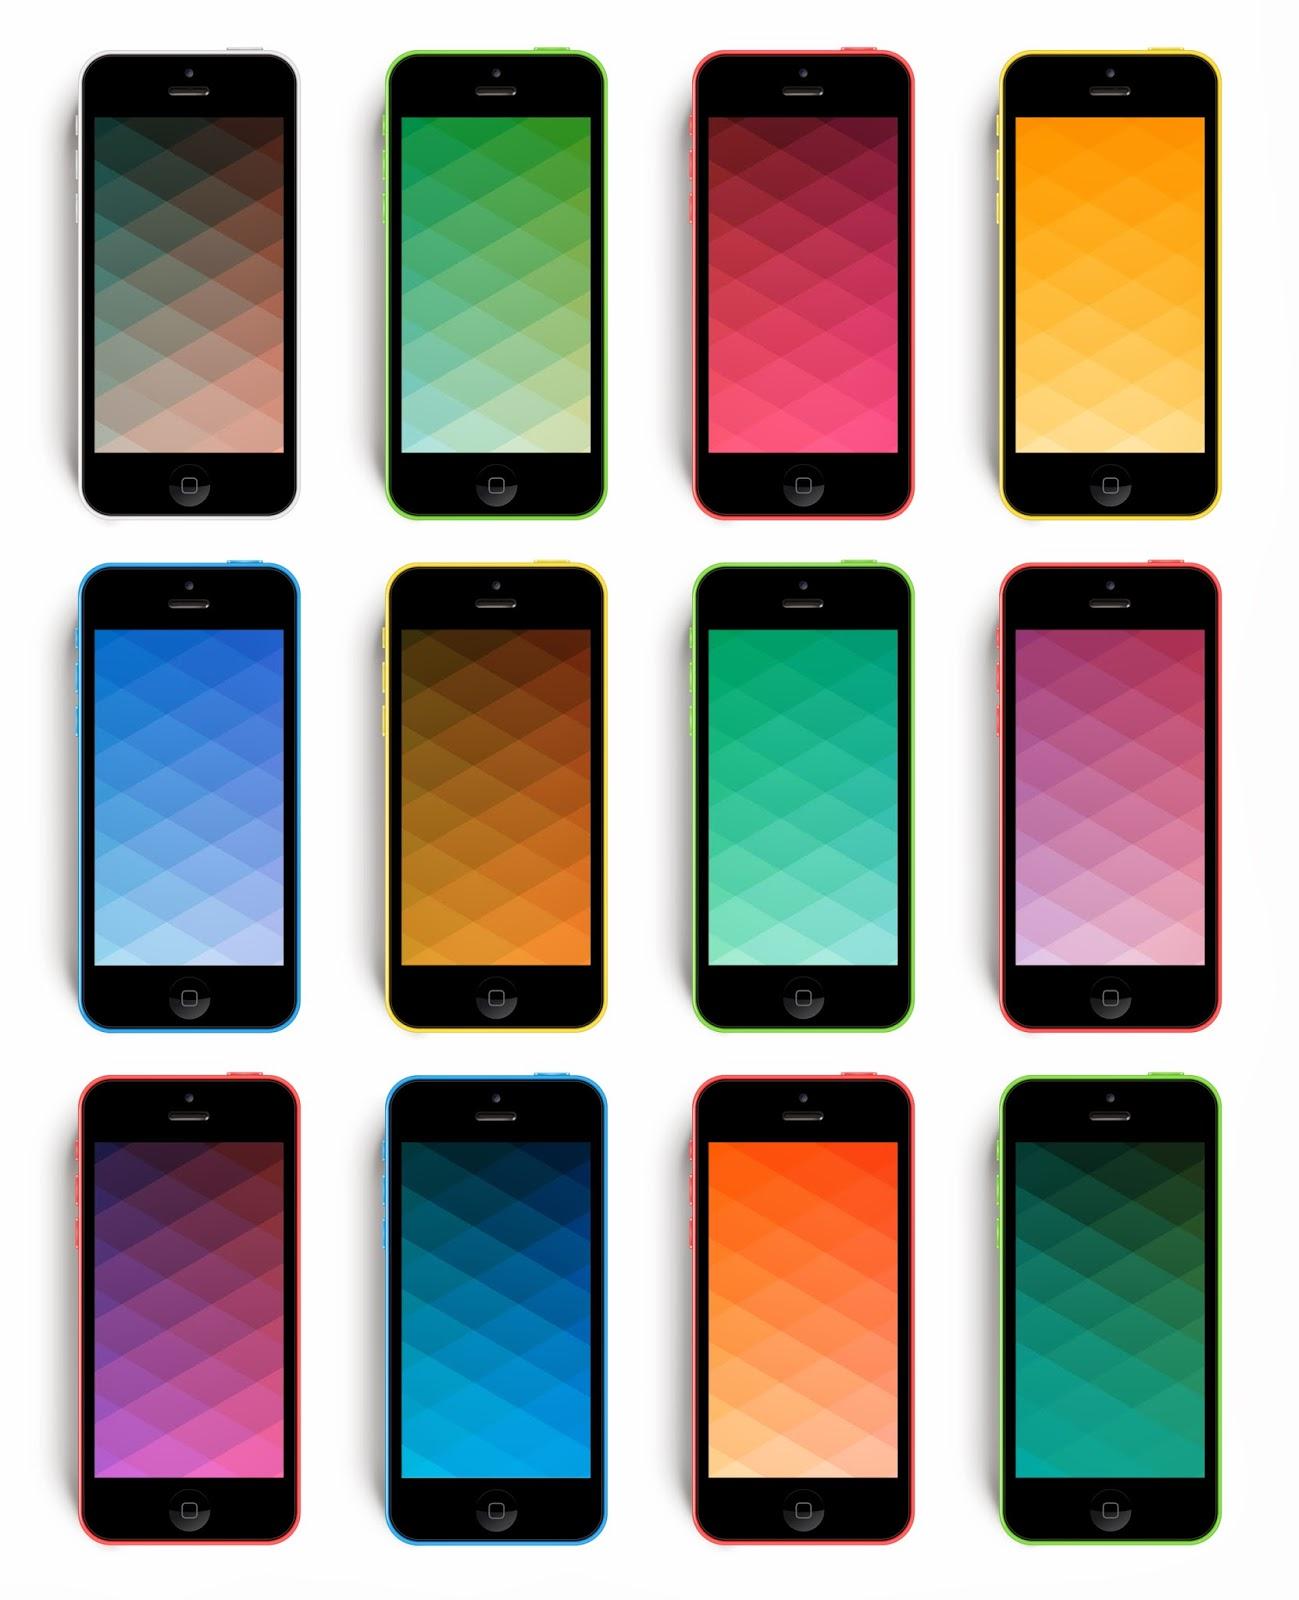 TODAYSHYPE: WALLPAPER: Gradient IPhone 5c & 5s Wallpaper